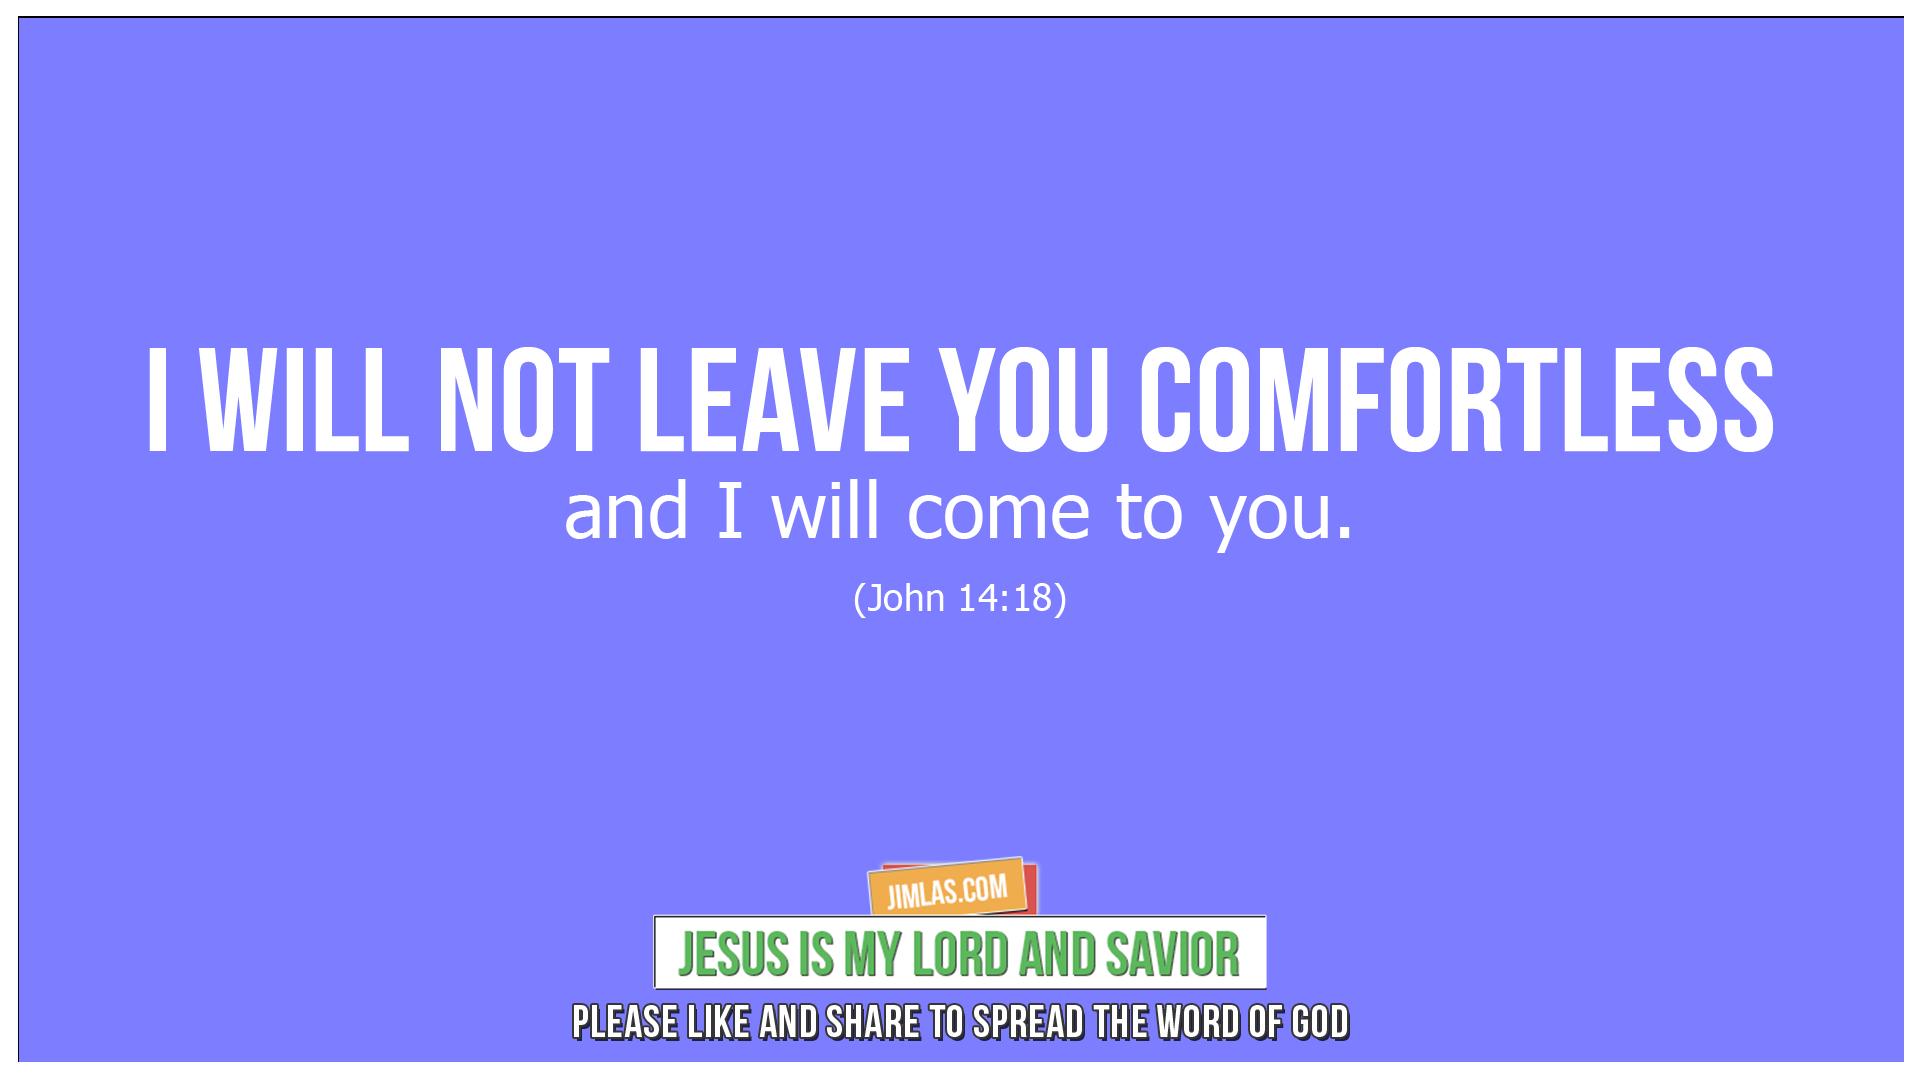 john 14 18, John 14:18